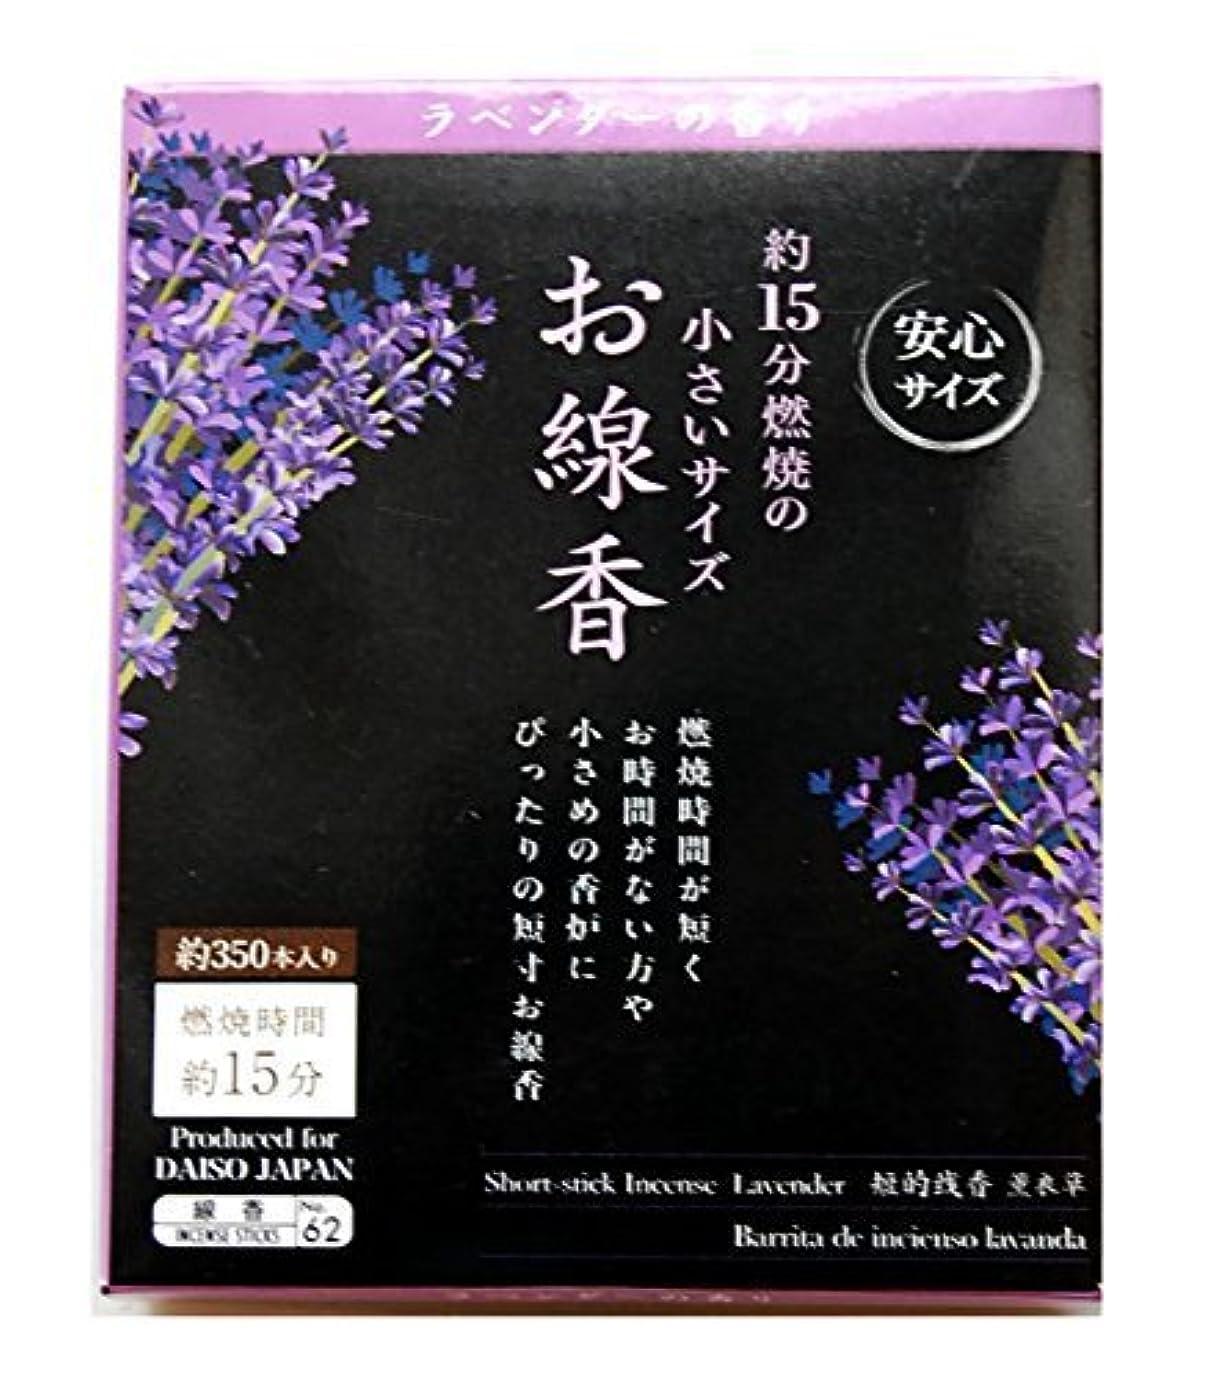 ステンレスまともな意味するDaiso Senko Japaneseお香ラベンダーショートスティック9 cm-15min / 350 sticks